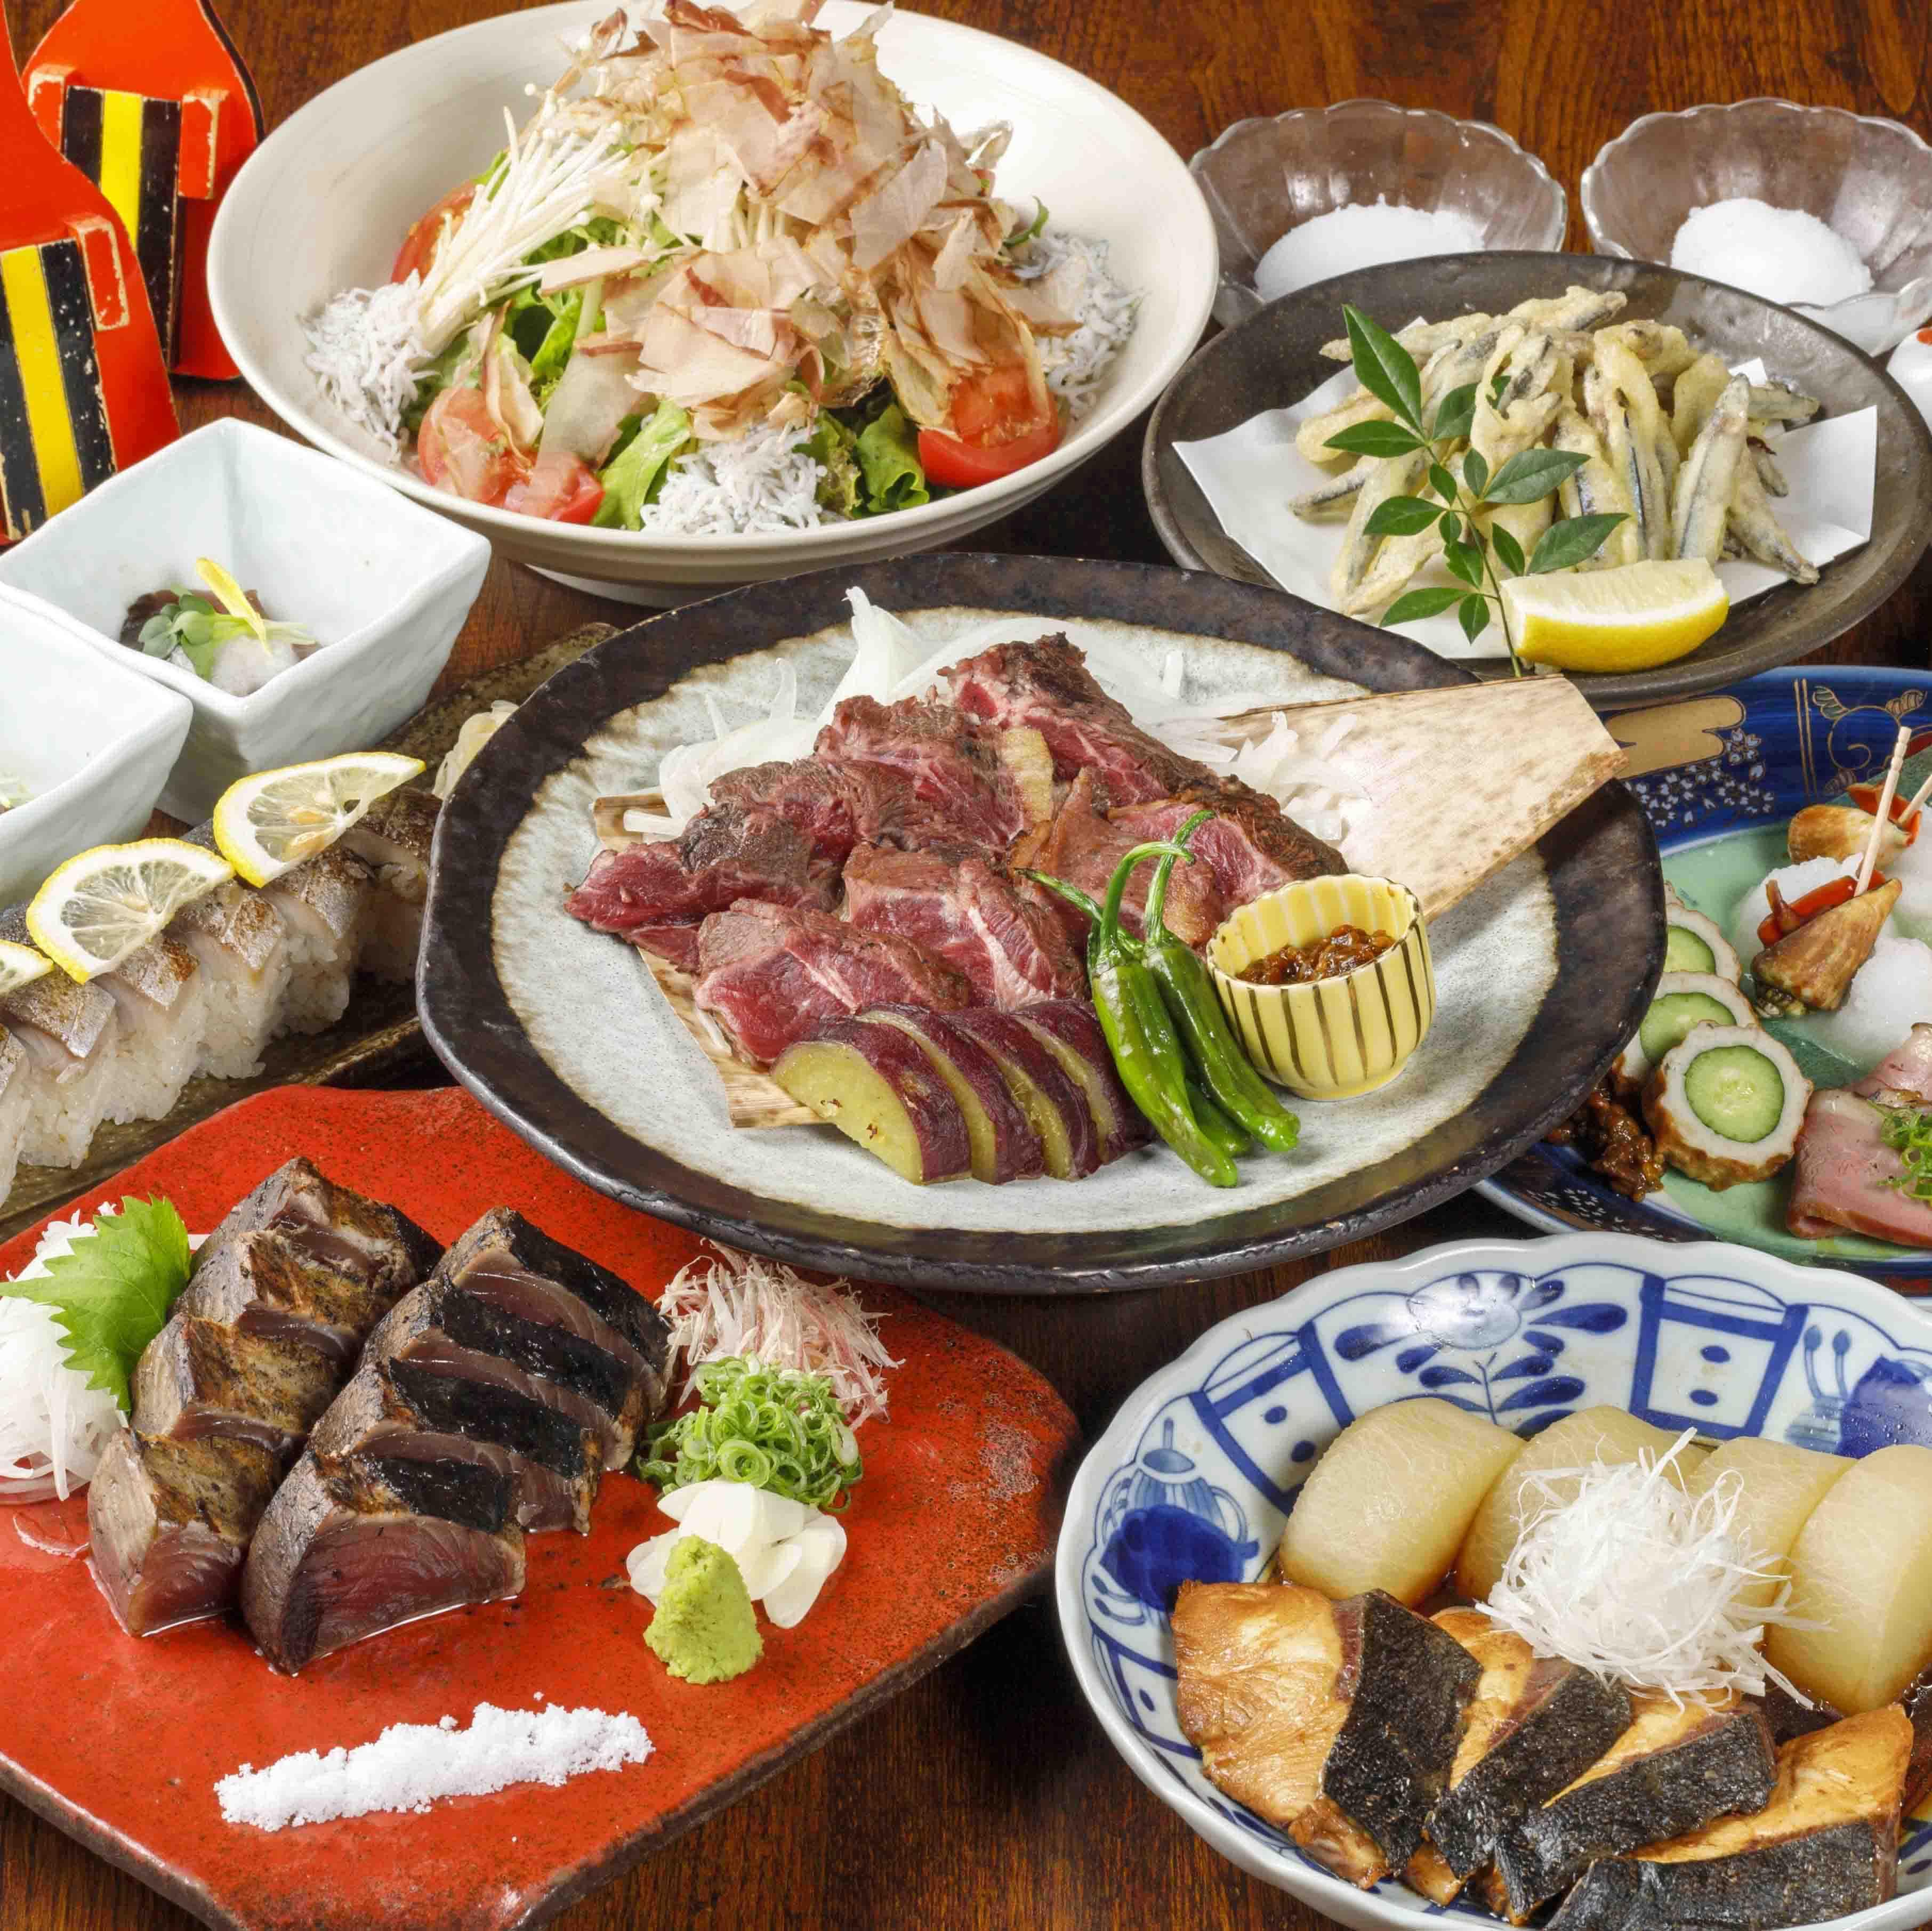 [お料理のみ] 名物!鰹の藁焼き×鰻の土鍋飯 はりまやコース11品